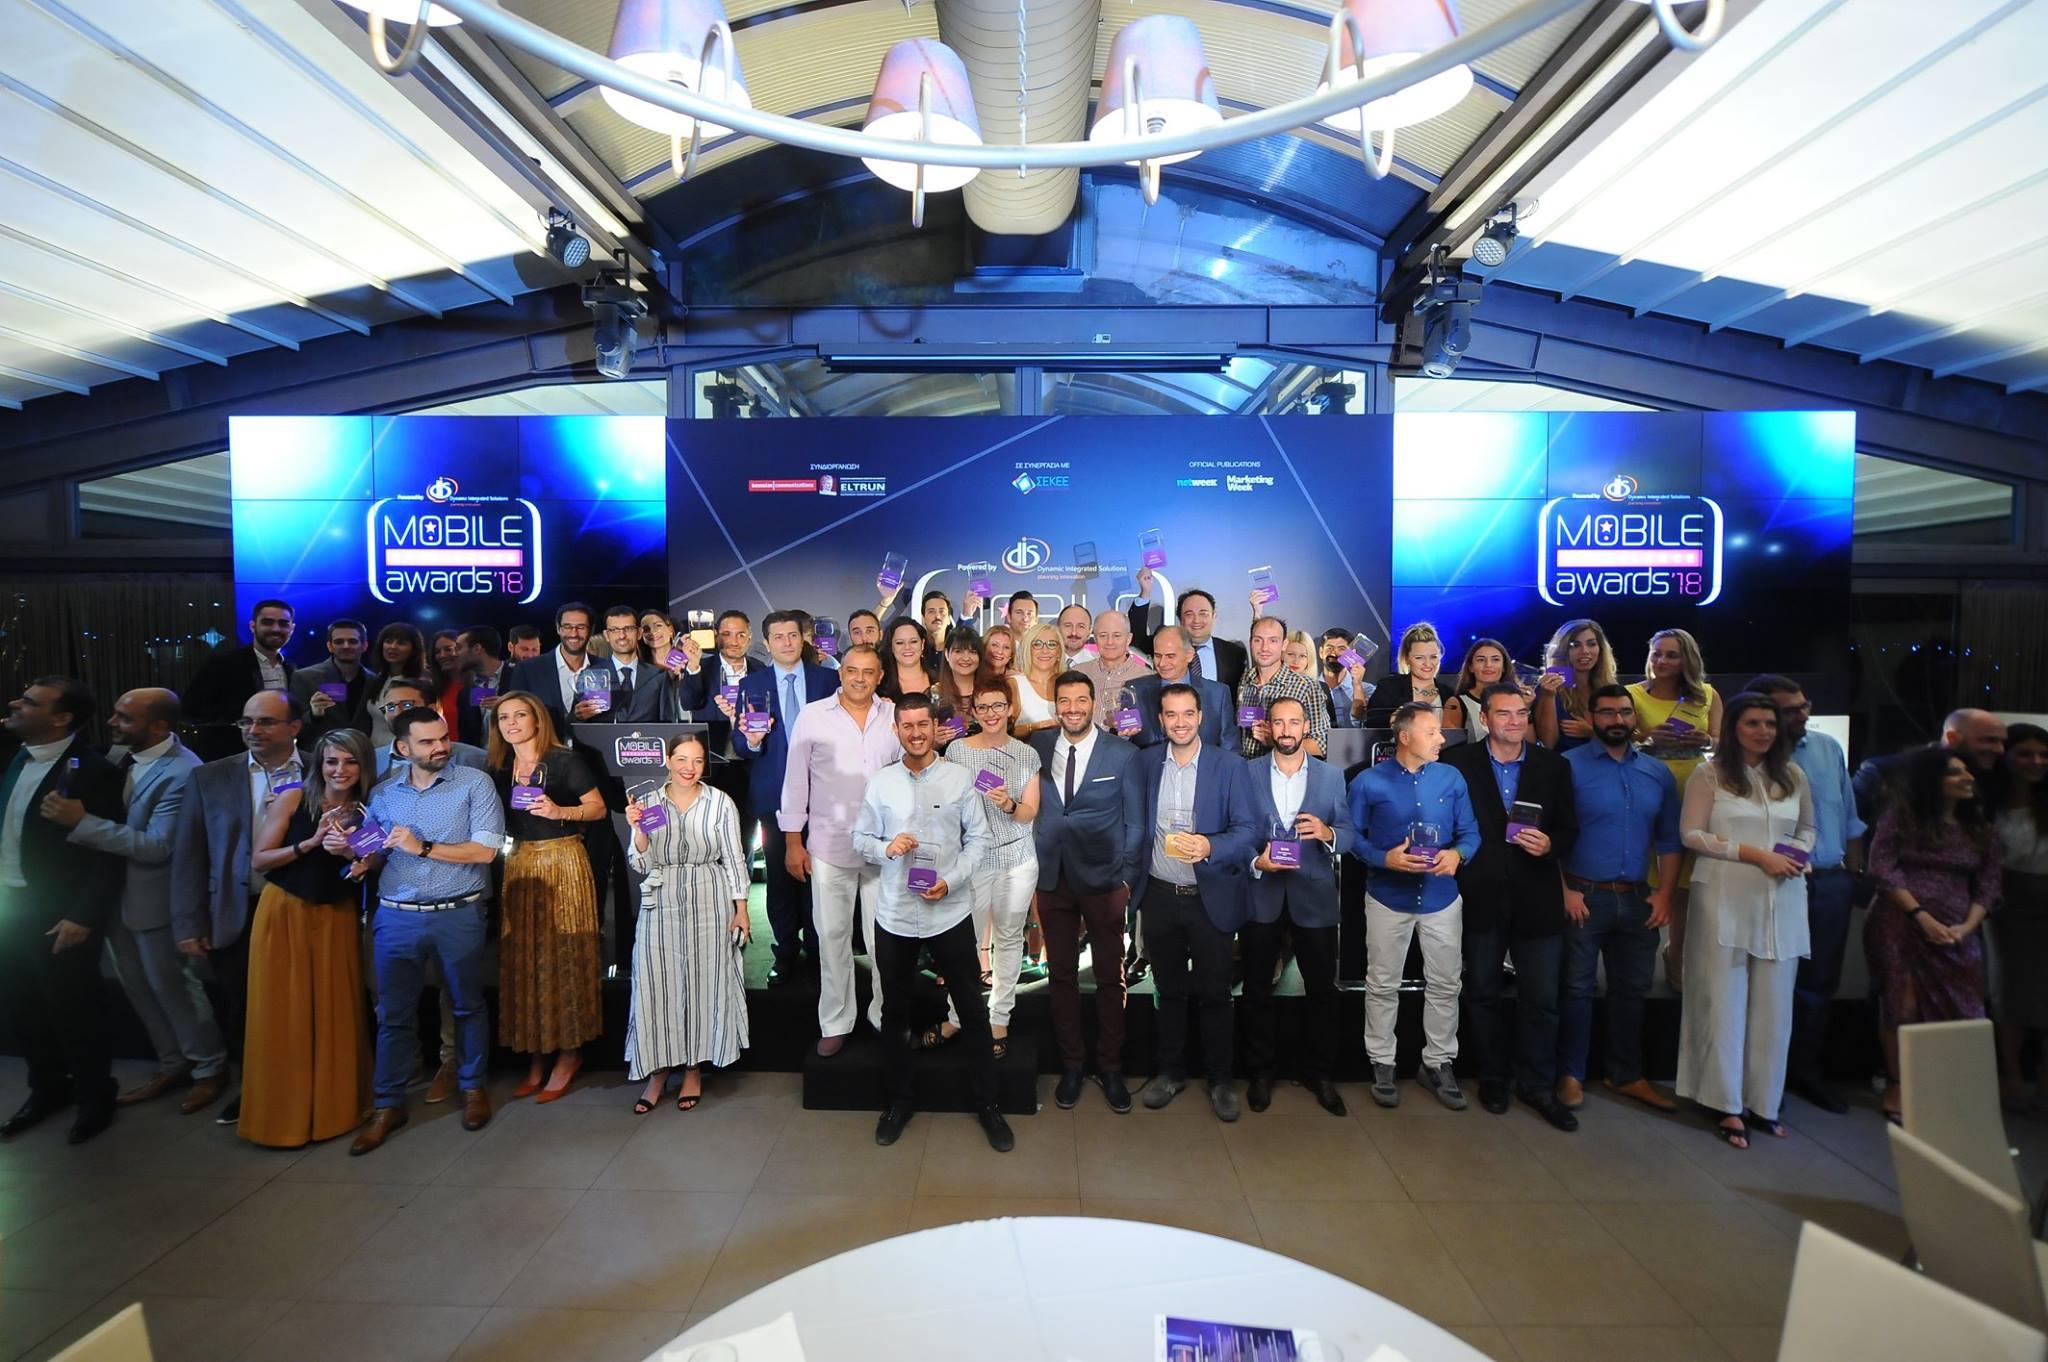 Η αναμνηστική φωτογραφία με τους νικητές των βραβείων Mobile Excellence Awards στο Anais Club